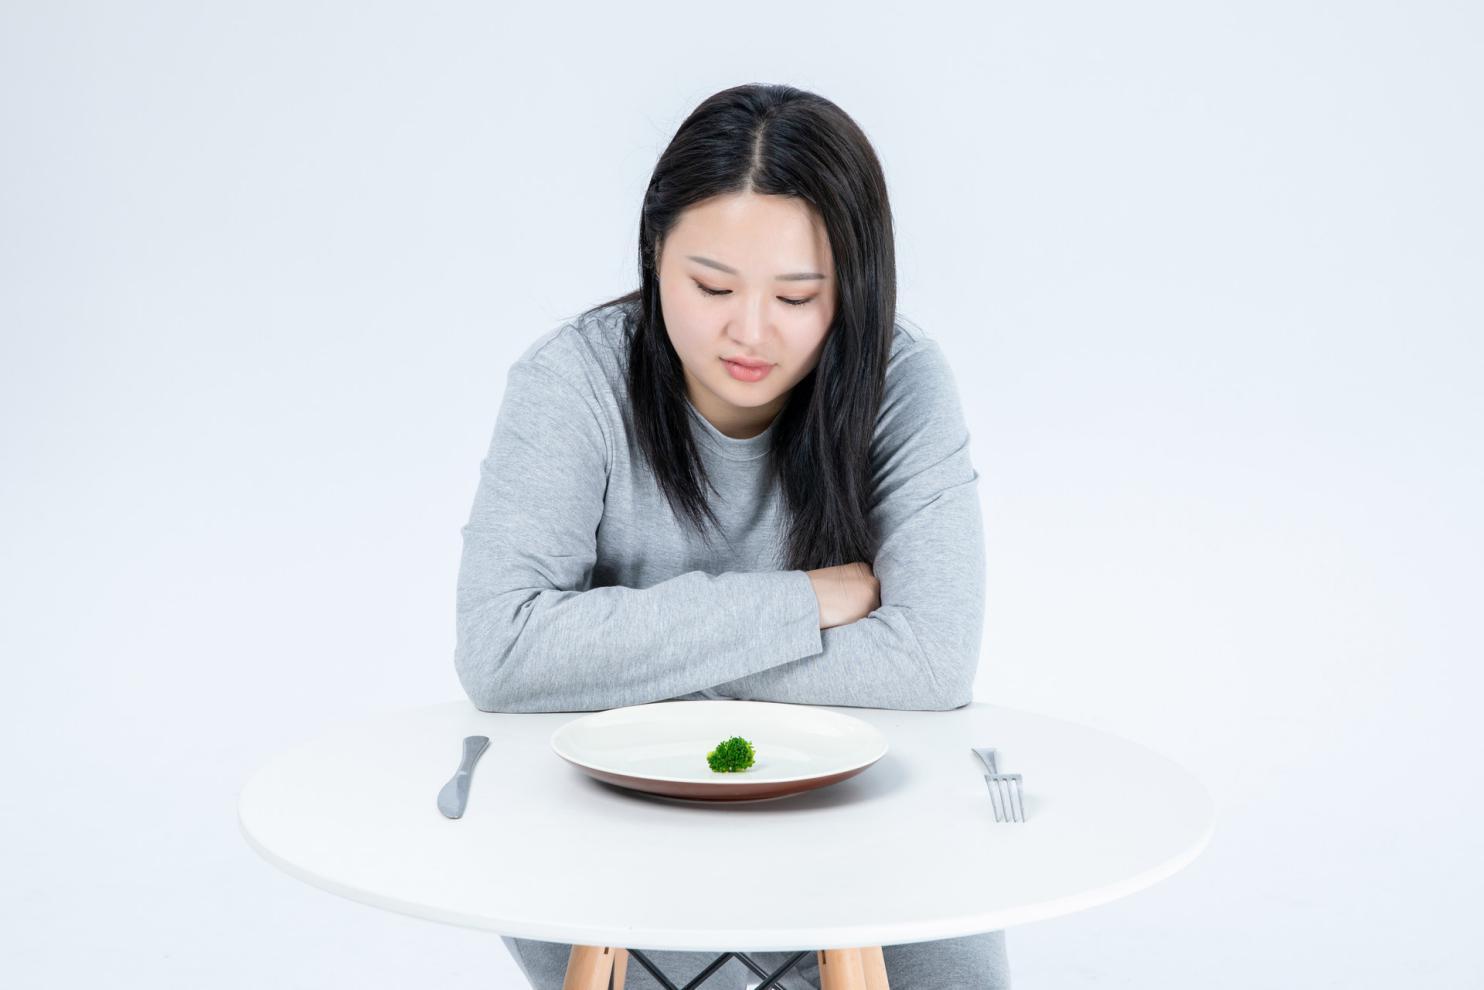 摄图网_500993423_banner_胖女生节食(非企业商用)